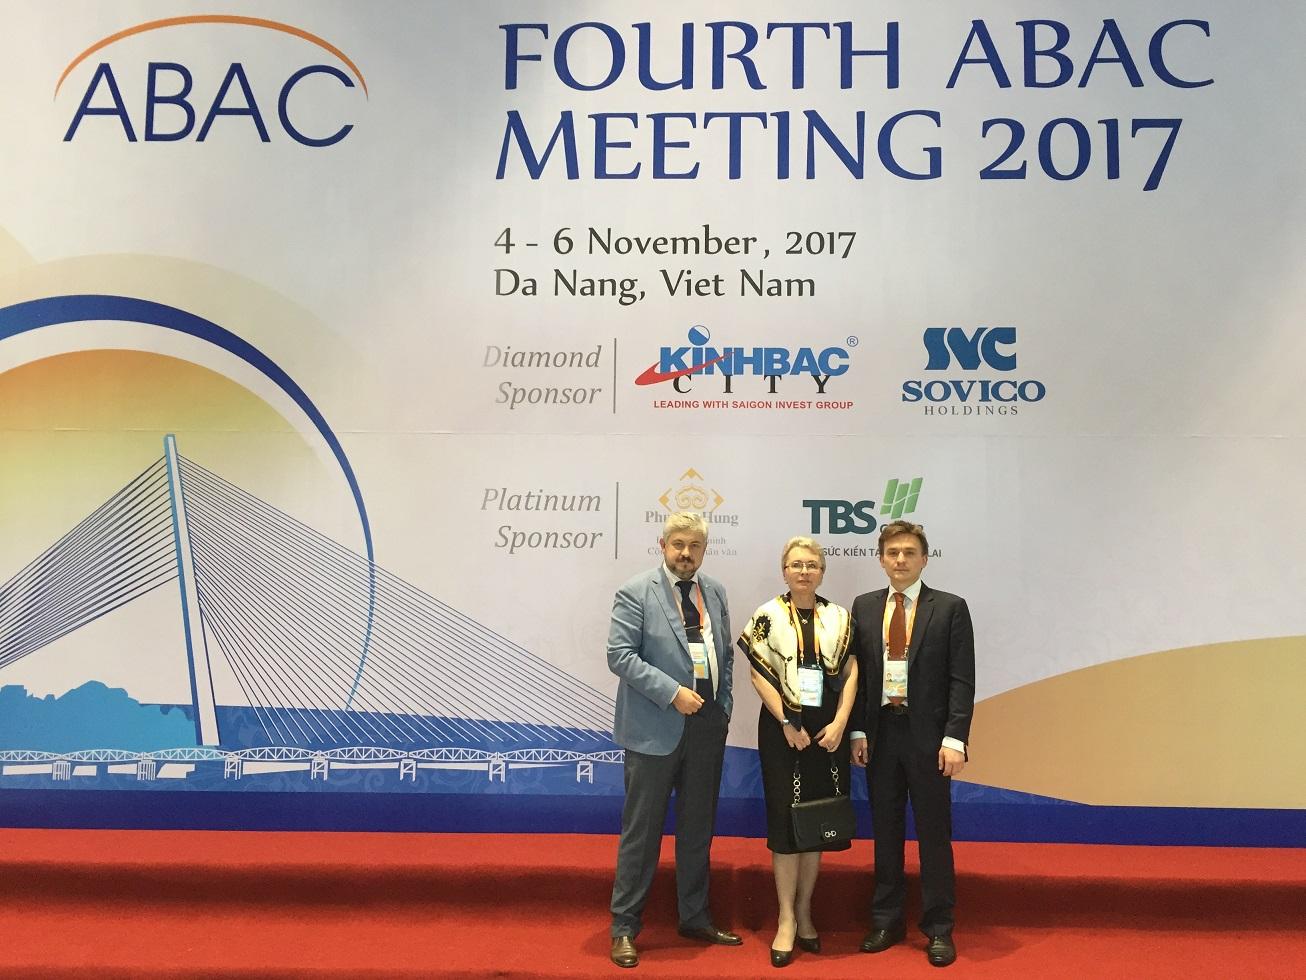 APEC 2017, 4th ABAC Meeting In Da Nang, Vietnam